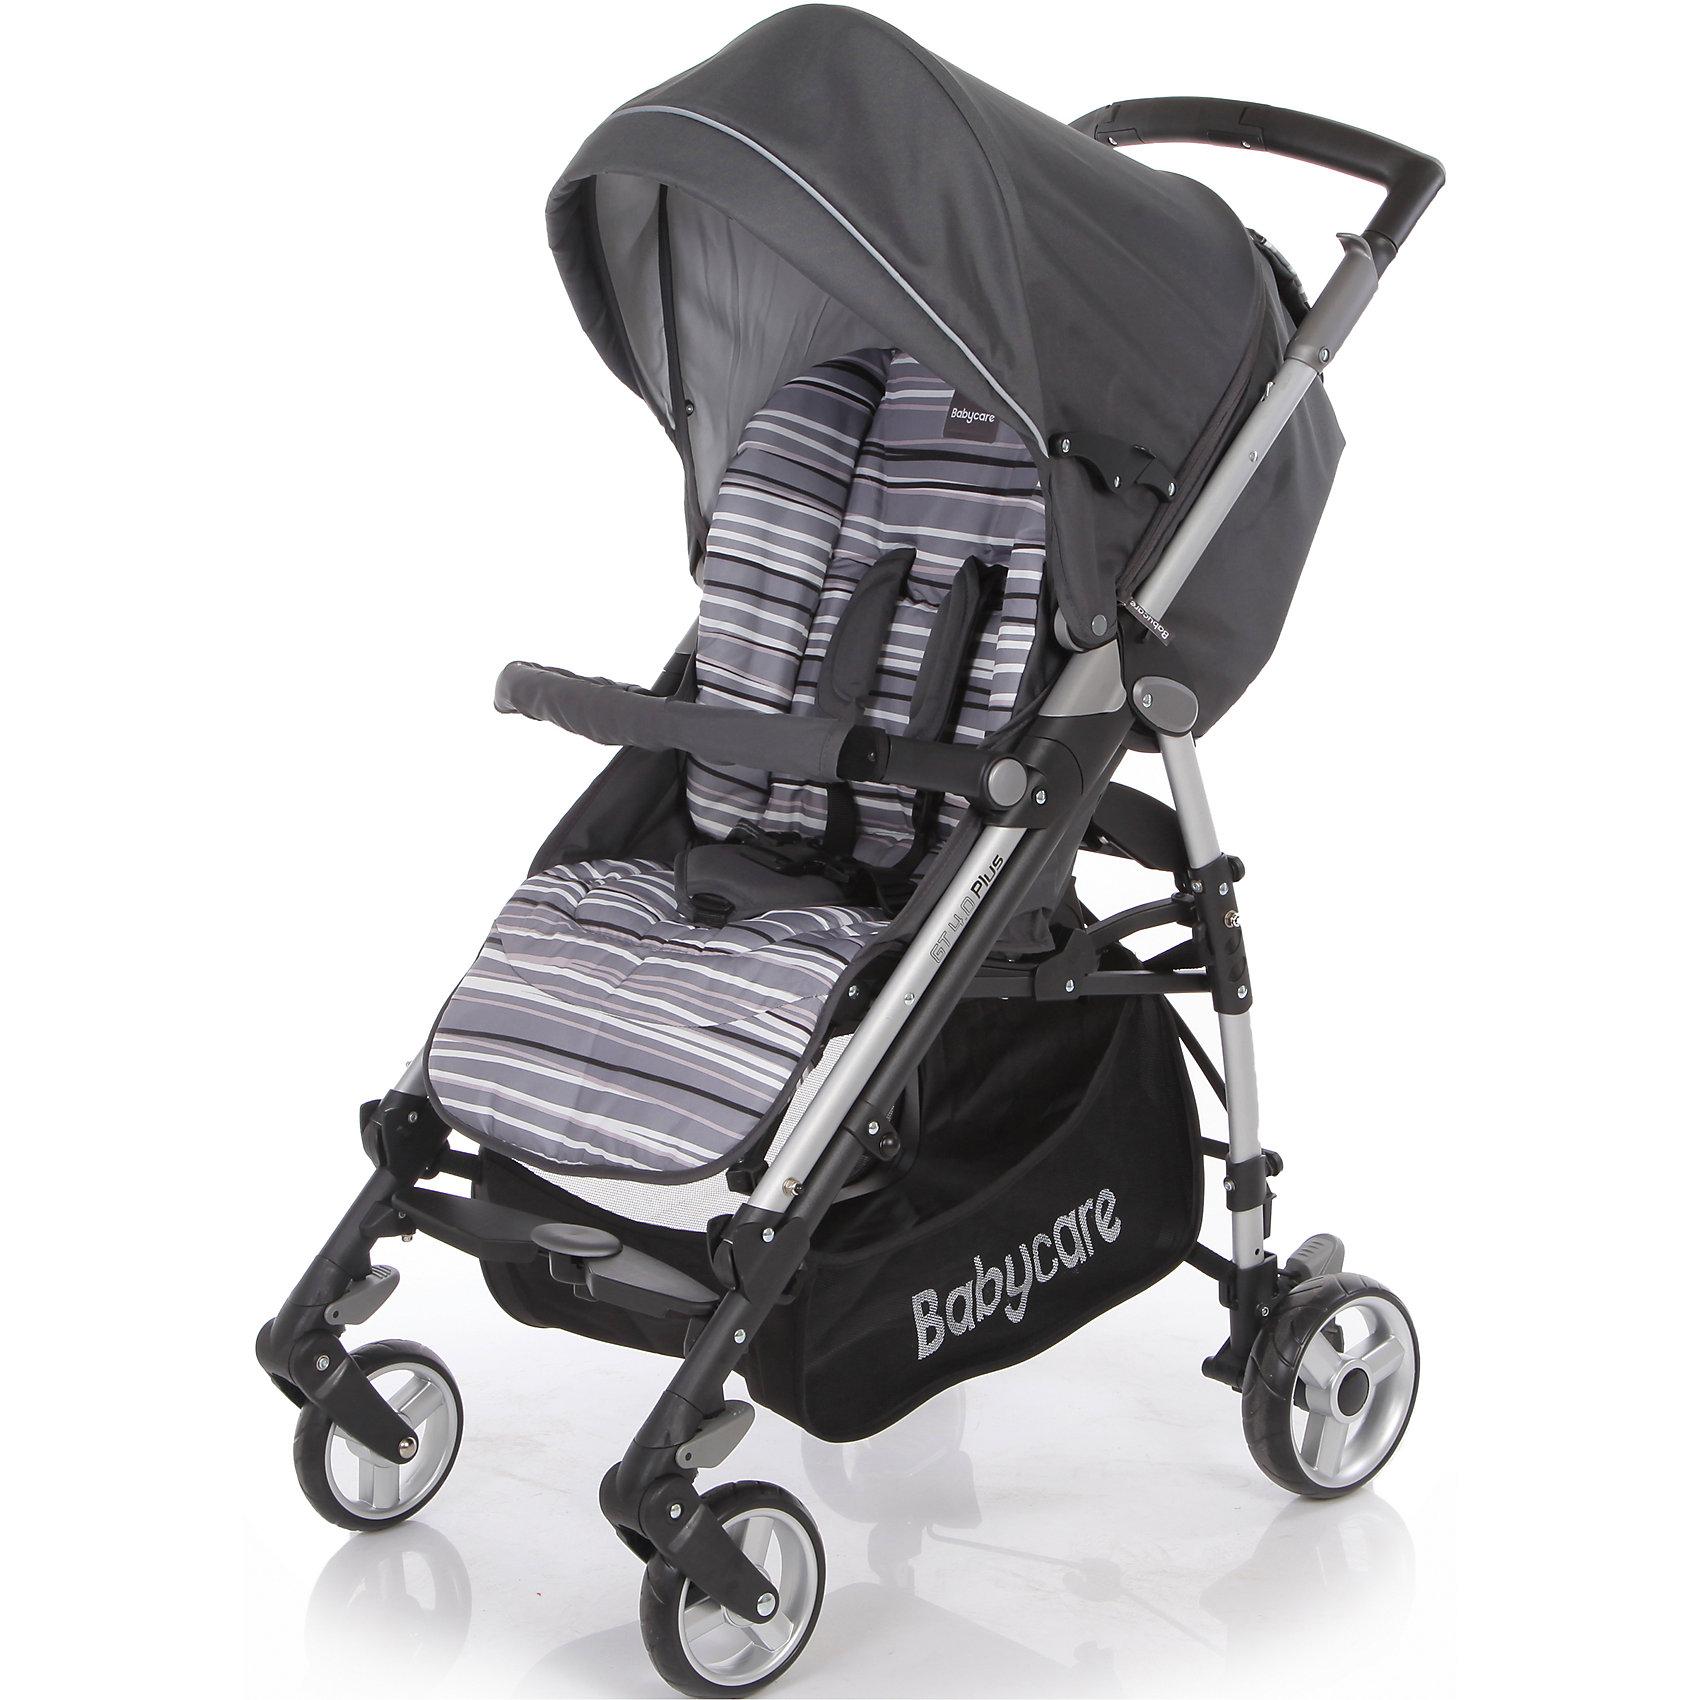 Коляска-трость GT4 Plus Baby Care, серыйХарактеристики коляски-трости Baby Care GT4 Plus:<br><br>• спинка коляски регулируется в 3-х положениях, угол наклона почти 170 градусов;<br>• подножка регулируется в 2-х положениях, удлиняет спальное место;<br>• 5-ти точечные ремни безопасности;<br>• глубокий капюшон с дополнительной секцией опускается до бампера;<br>• капюшон оснащен солнцезащитным козырьком со светоотражающей накладкой;<br>• на задней стороне капюшона есть кармашек для мелочей;<br>• съемный бампер с мягкой накладкой;<br>• корзина для покупок;<br>• материал: пластик, полиэстер;<br>• размер коляски в разложенном виде: 103х51х87 см;<br>• размер коляски в сложенном виде: 99х31х29 см;<br>• вес коляски: 10,1 кг;<br>• допустимый вес ребенка: до 15 кг.<br><br>Характеристики шасси коляски:<br><br>• механизм складывания: трость;<br>• защита от случайного раскладывания коляски;<br>• одинарные колеса с пружинными подвесками;<br>• передние поворотные с блокировкой;<br>• на задних колесах реечный тормоз;<br>• материал рамы: алюминий;<br>• материал колес: пеноплен (вспененная резина);<br>• диаметр колес: 16 см, 18 см;<br>• ширина колесной базы: 51 см.<br><br>Компактная коляска-трость GT4 Plus предназначена для детей в возрасте от 7 месяцев до 4-х лет. Спинка коляски и подножка регулируются, ребенок может спокойно спать в прогулочном блоке при горизонтально разложенной спинке и подножке коляски. Утепленный чехол на ножки защищает малыша от ветра и непогоды, а глубокий капюшон с дополнительной секцией, раскладывающийся до бампера, скроет кроху от нежелательных глаз, защитит от ветра и солнечных лучей, поможет обустроить уютное гнездышко для сна. <br><br>Комплектация:<br><br>• коляска-трость GT4 Plus;<br>• дождевик;<br>• чехол на ножки;<br>• инструкция. <br><br>Коляску-трость GT4 Plus Baby Care, серую можно купить в нашем интернет-магазине.<br><br>Ширина мм: 1040<br>Глубина мм: 350<br>Высота мм: 350<br>Вес г: 12000<br>Возраст от месяцев: 6<br>Возраст до месяцев: 36<br>Пол: У